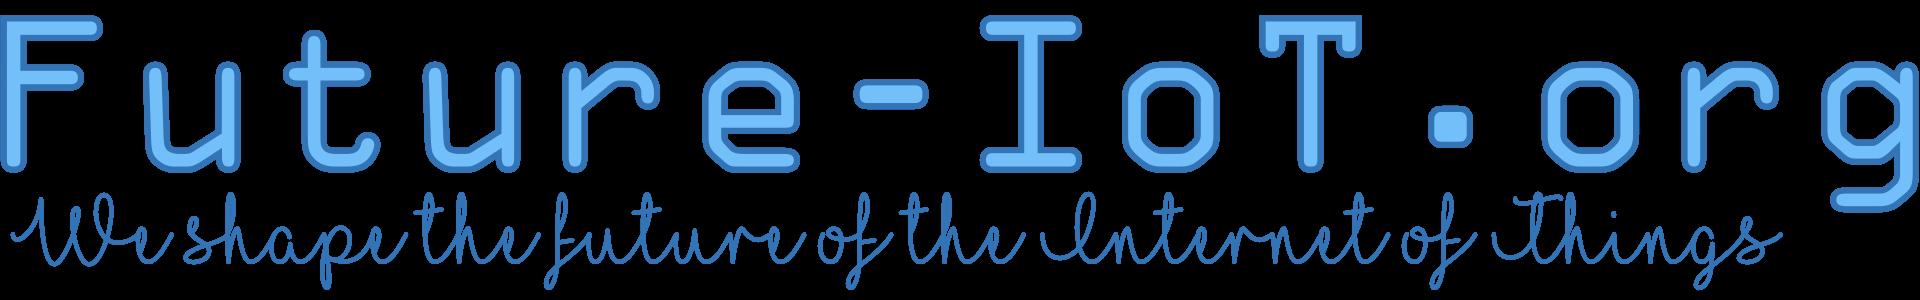 future-iot.org